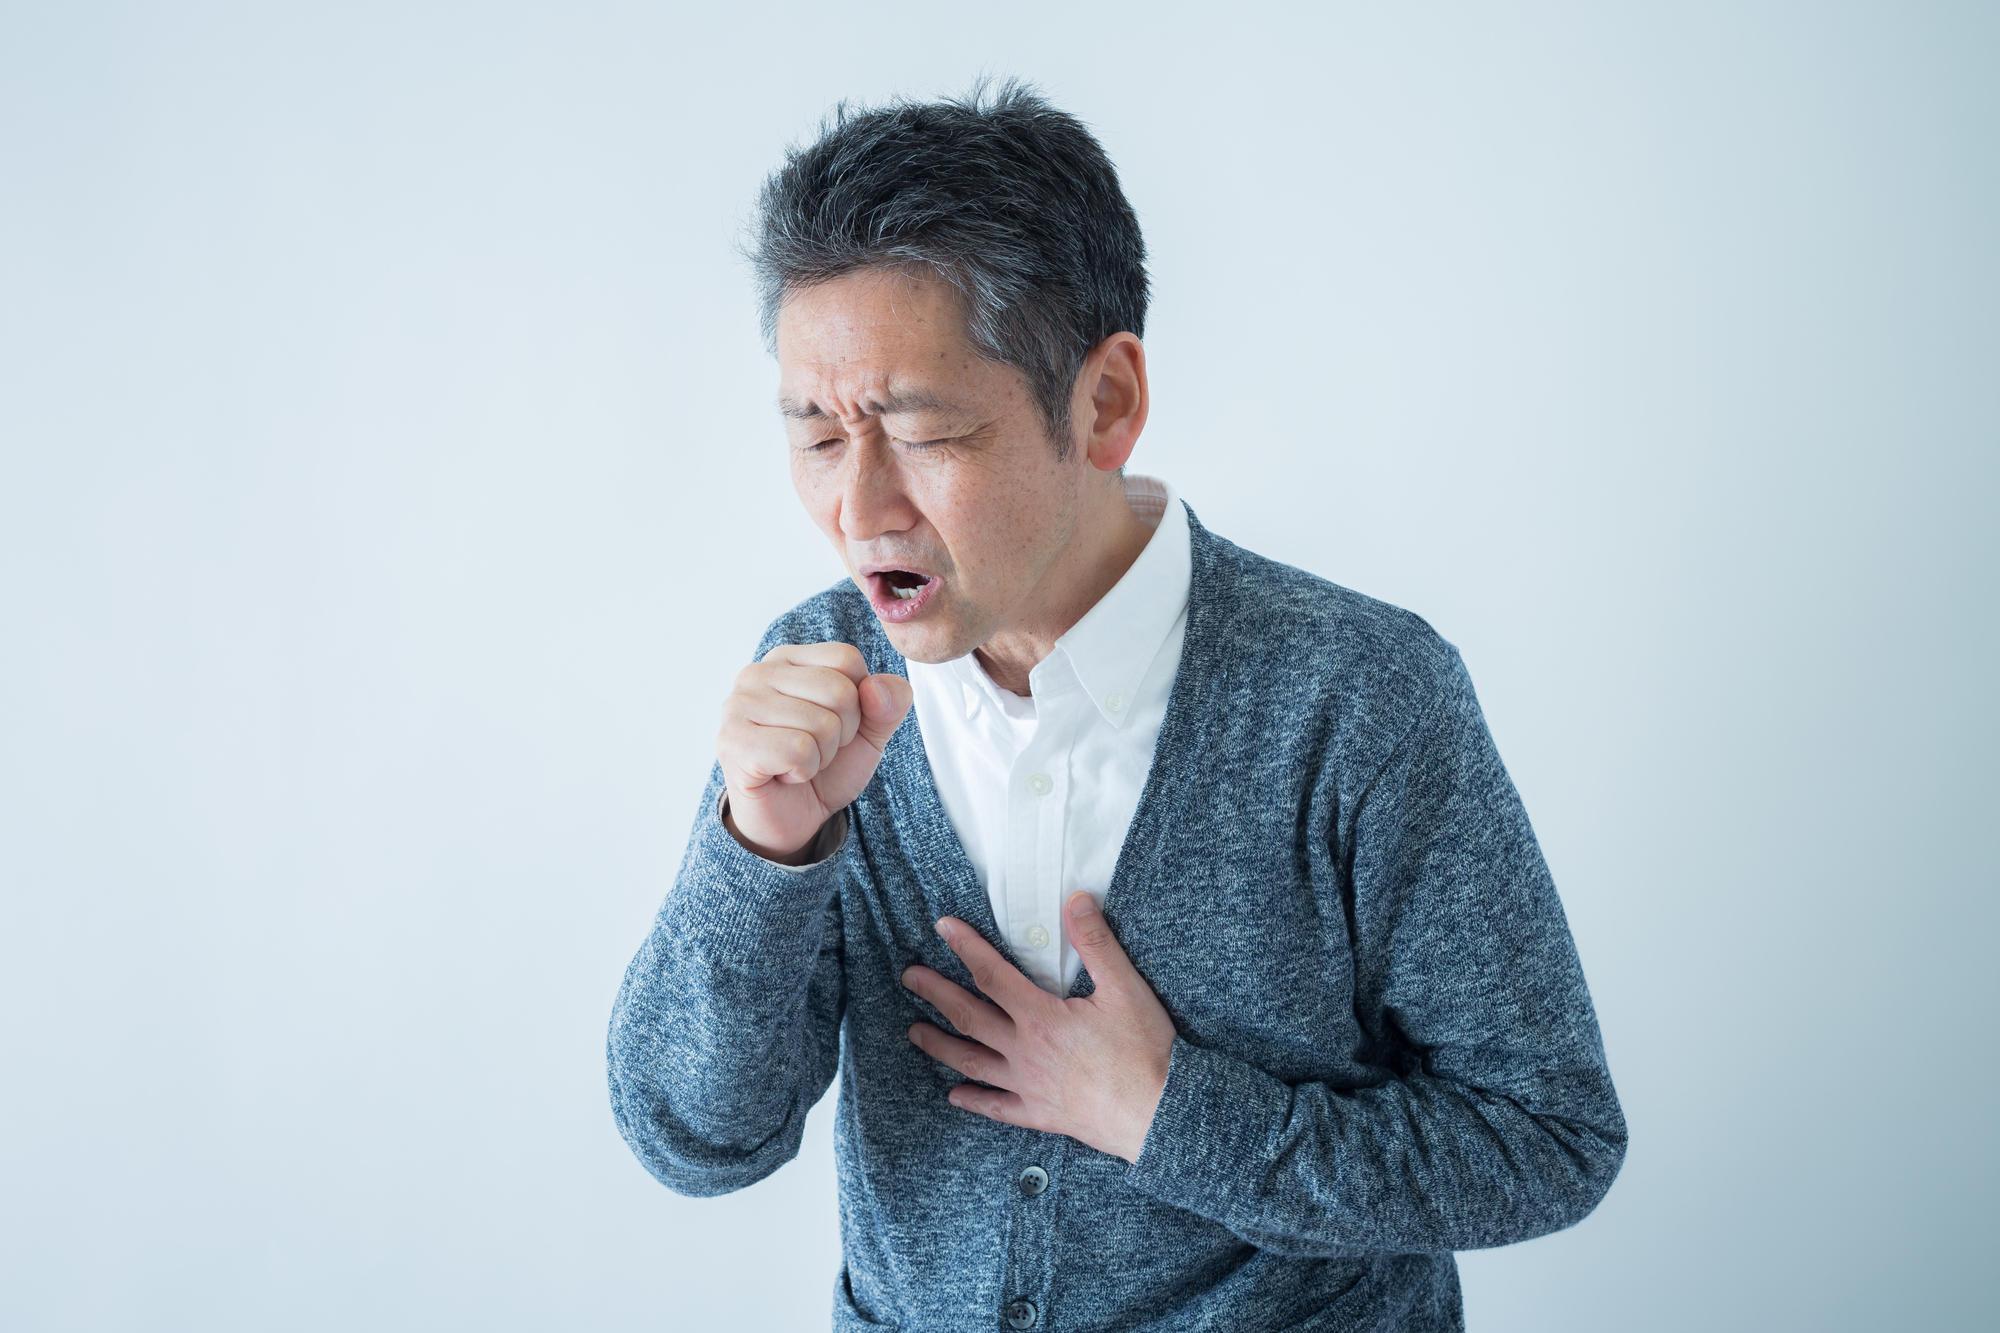 肺炎球菌ワクチン予防接種 仙台市泉区・富谷市で予防接種なら、泉大沢ファミリークリニックへ